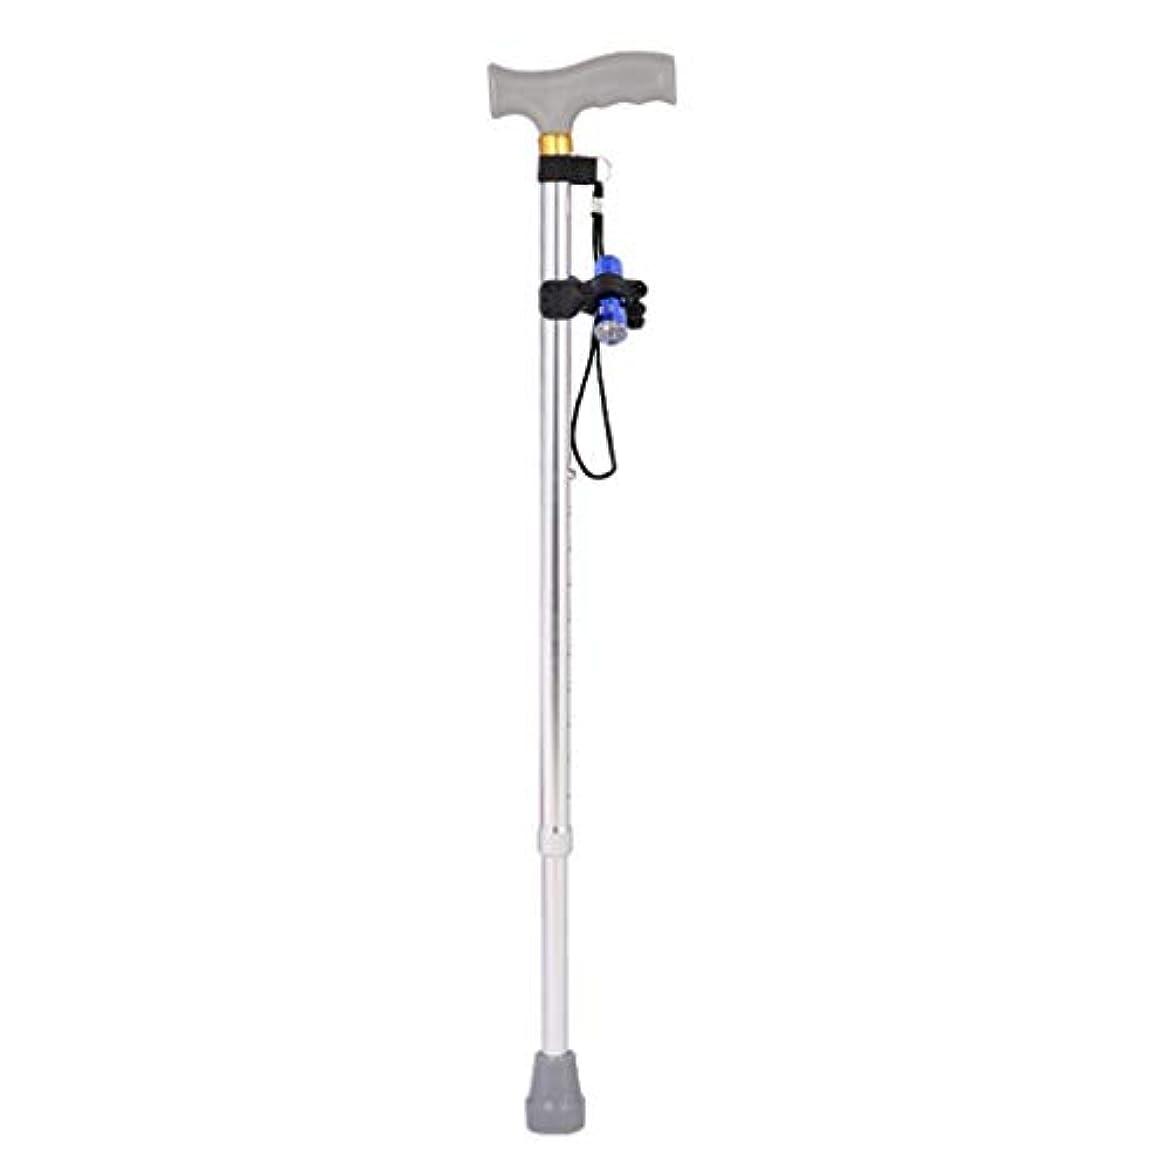 前部シャツリハーサルLEDライト、軽量高齢者の杖リトラクタブル10段落調整、柔軟性と耐久性に優れた歩行補助でリトラクタブルウォーキングケイン (Color : Silver)